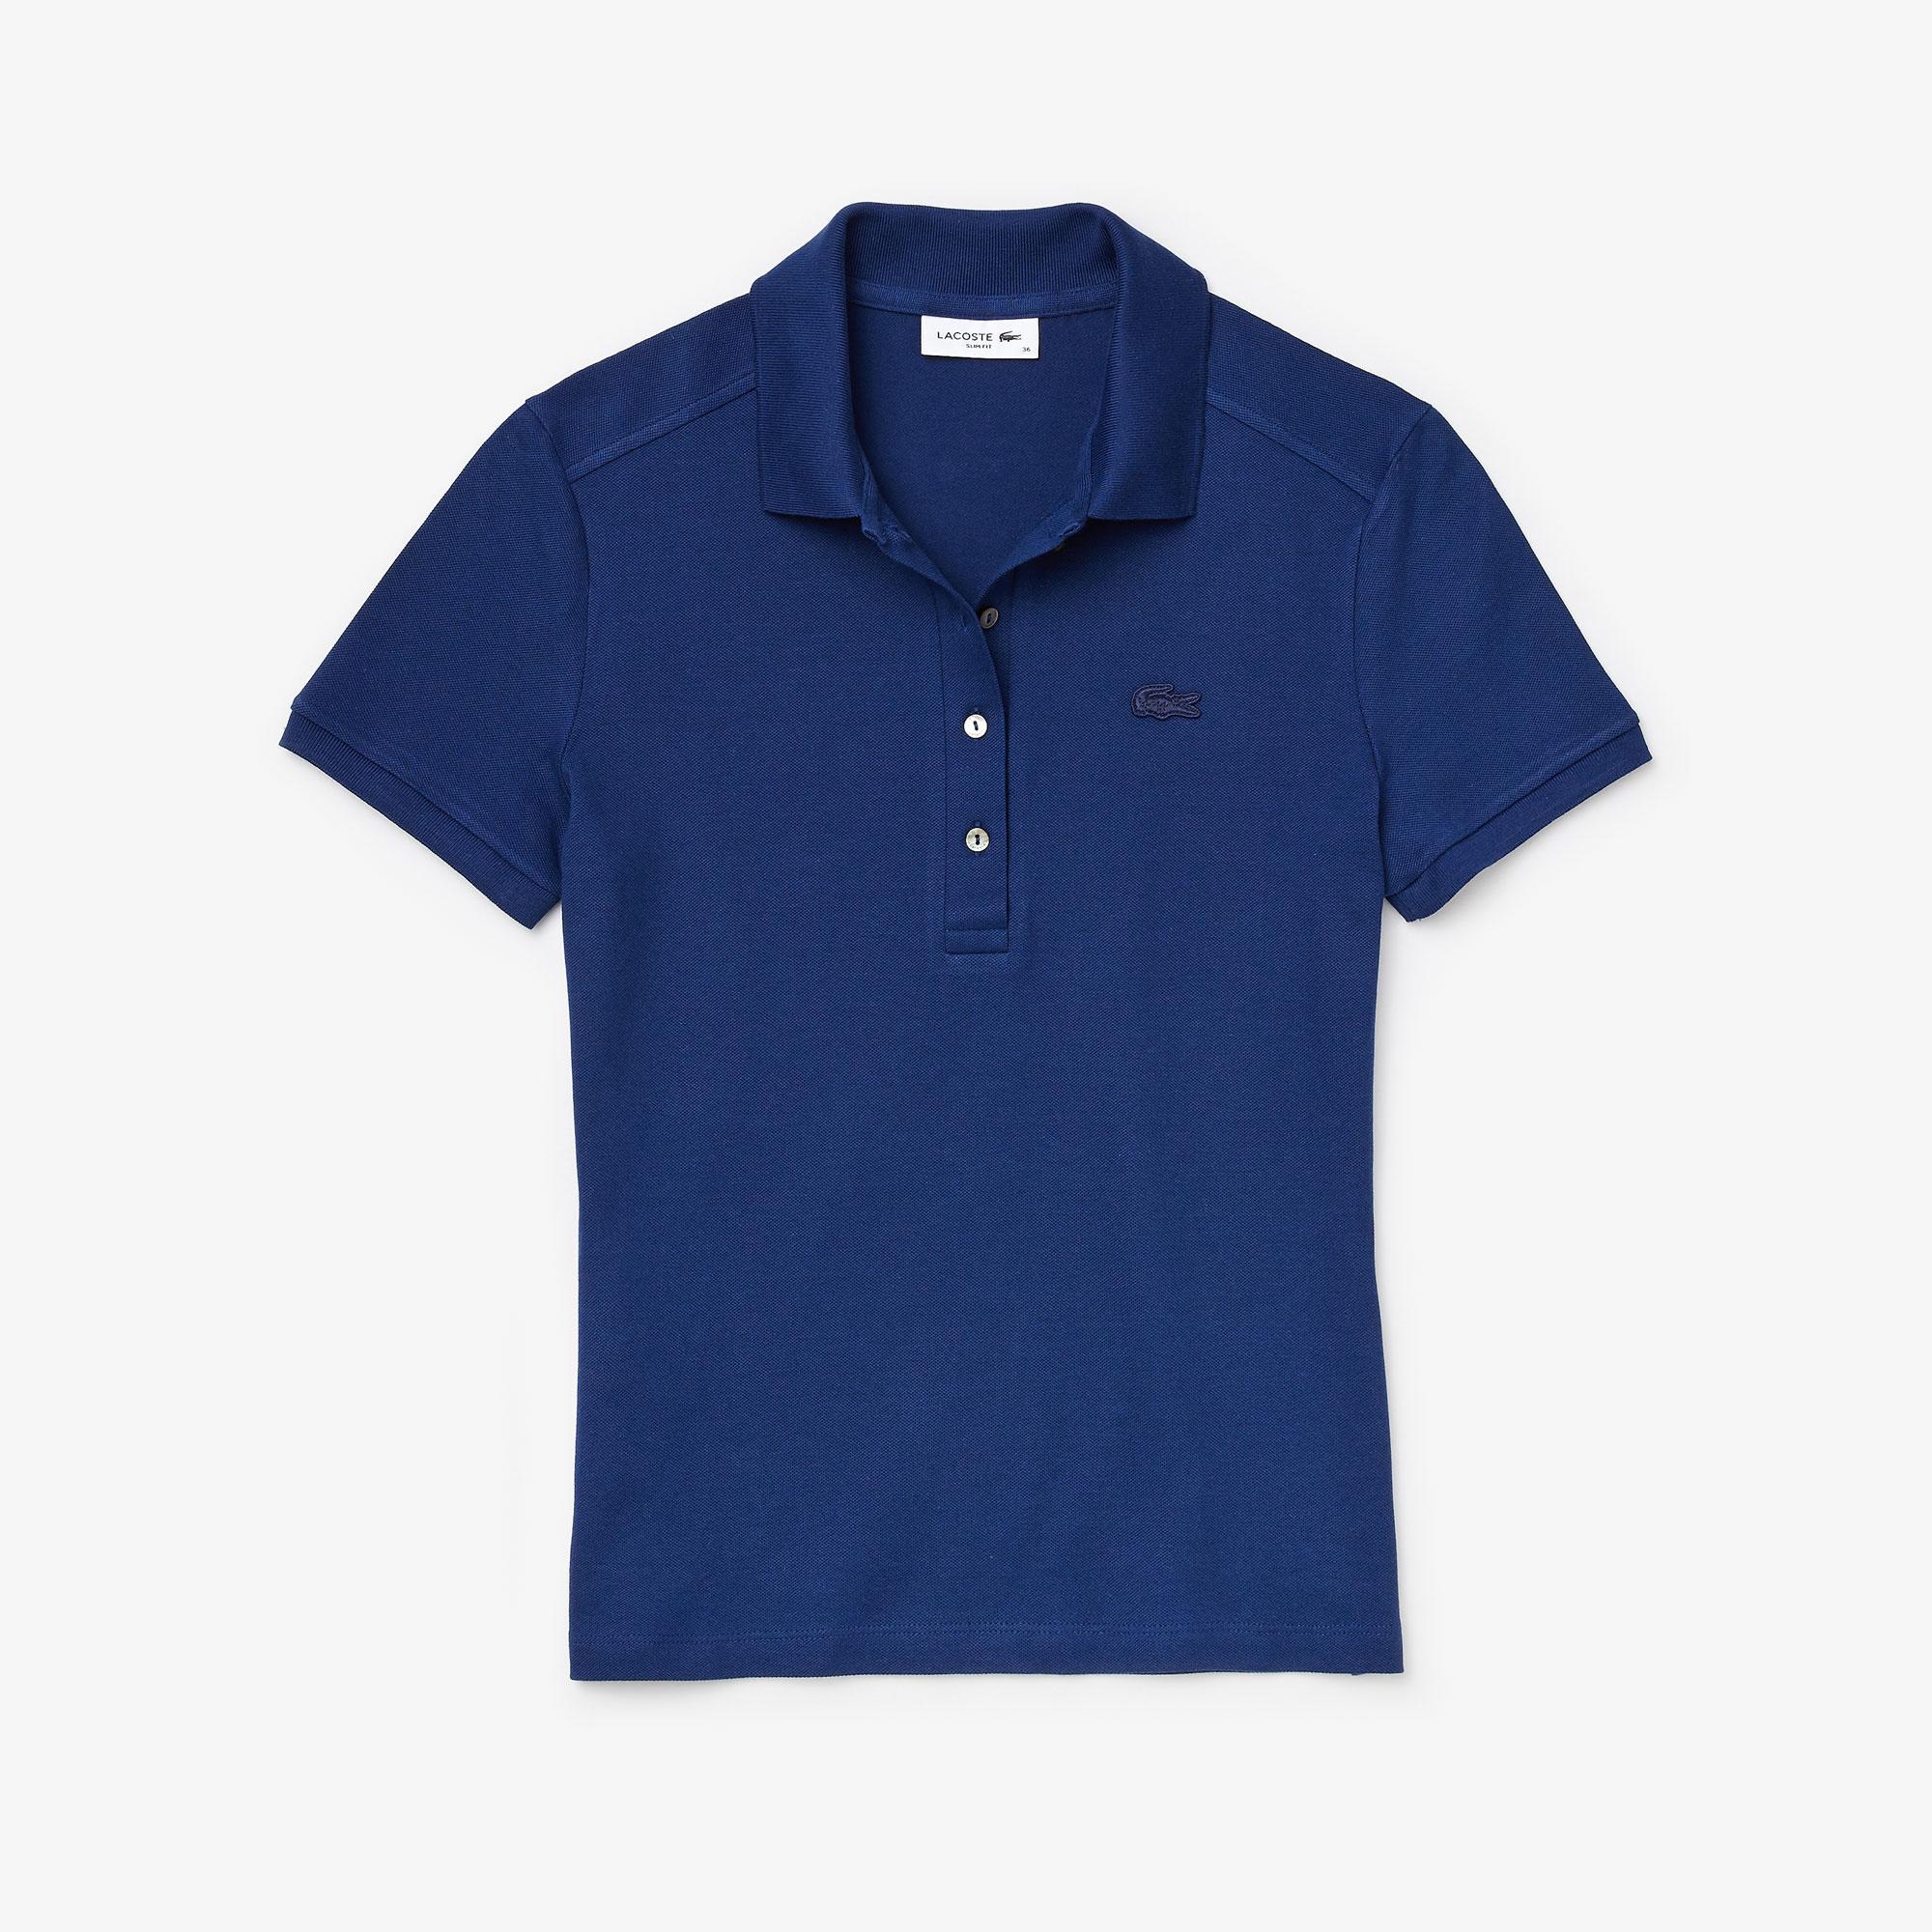 Lacoste Kadın Saks Mavi Polo